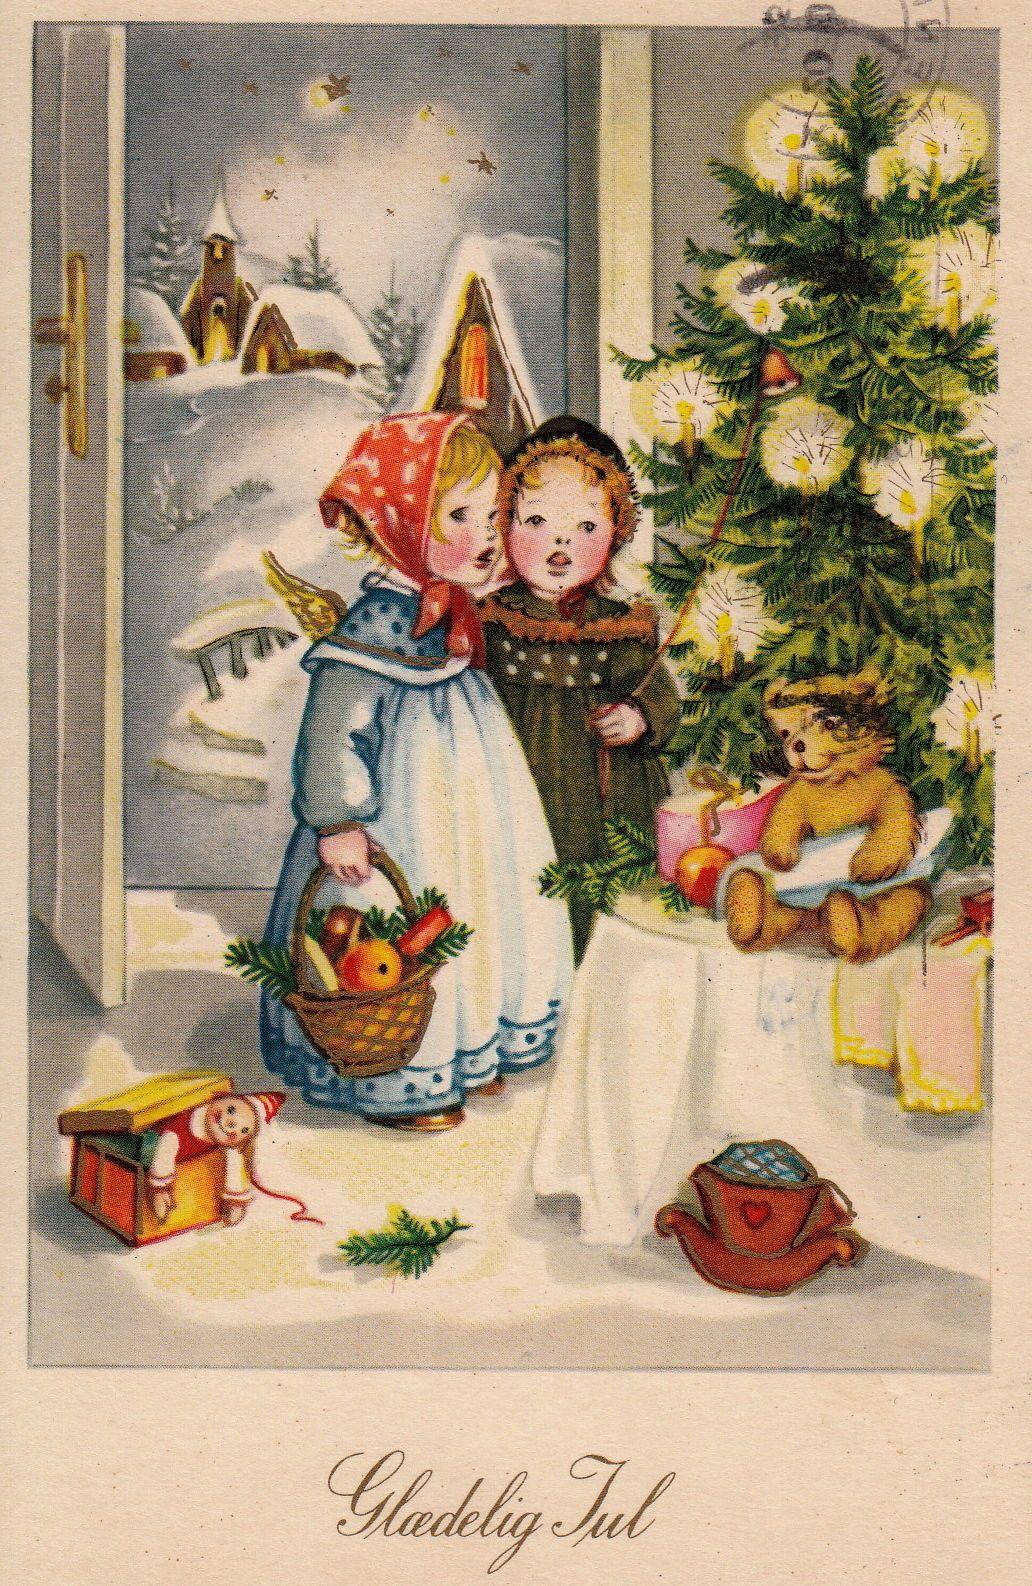 ak anita rahlwes weihnachten engelchen legen geschenke. Black Bedroom Furniture Sets. Home Design Ideas